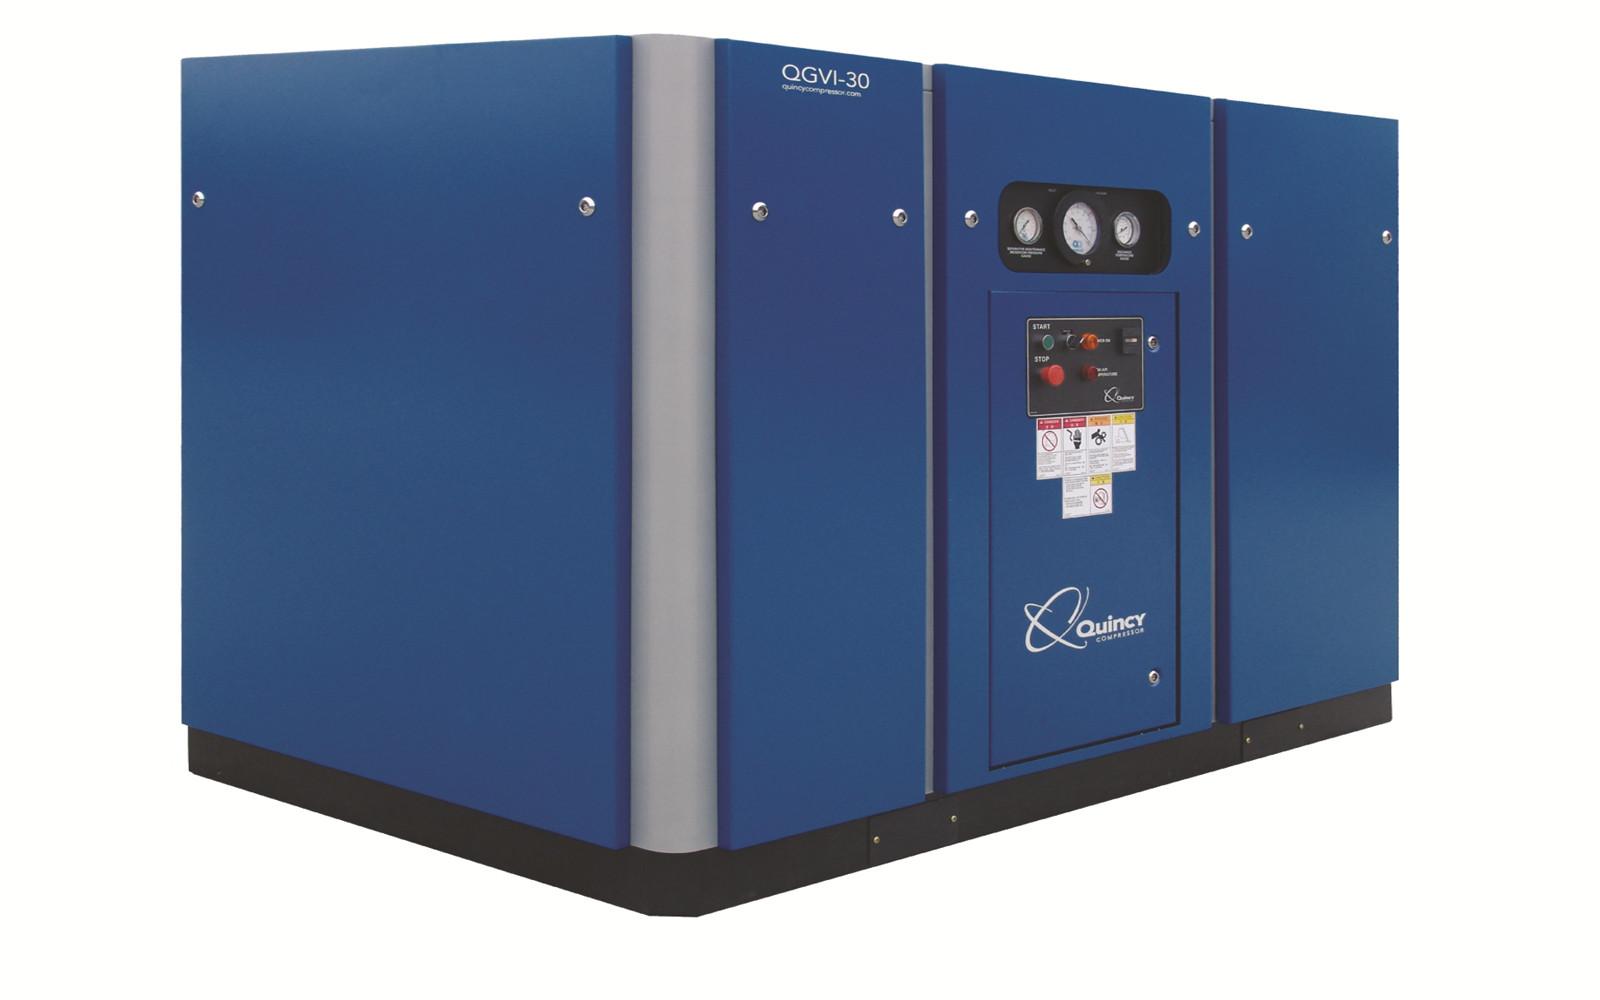 四川加登丹佛永磁变频空压机,永磁变频空压机